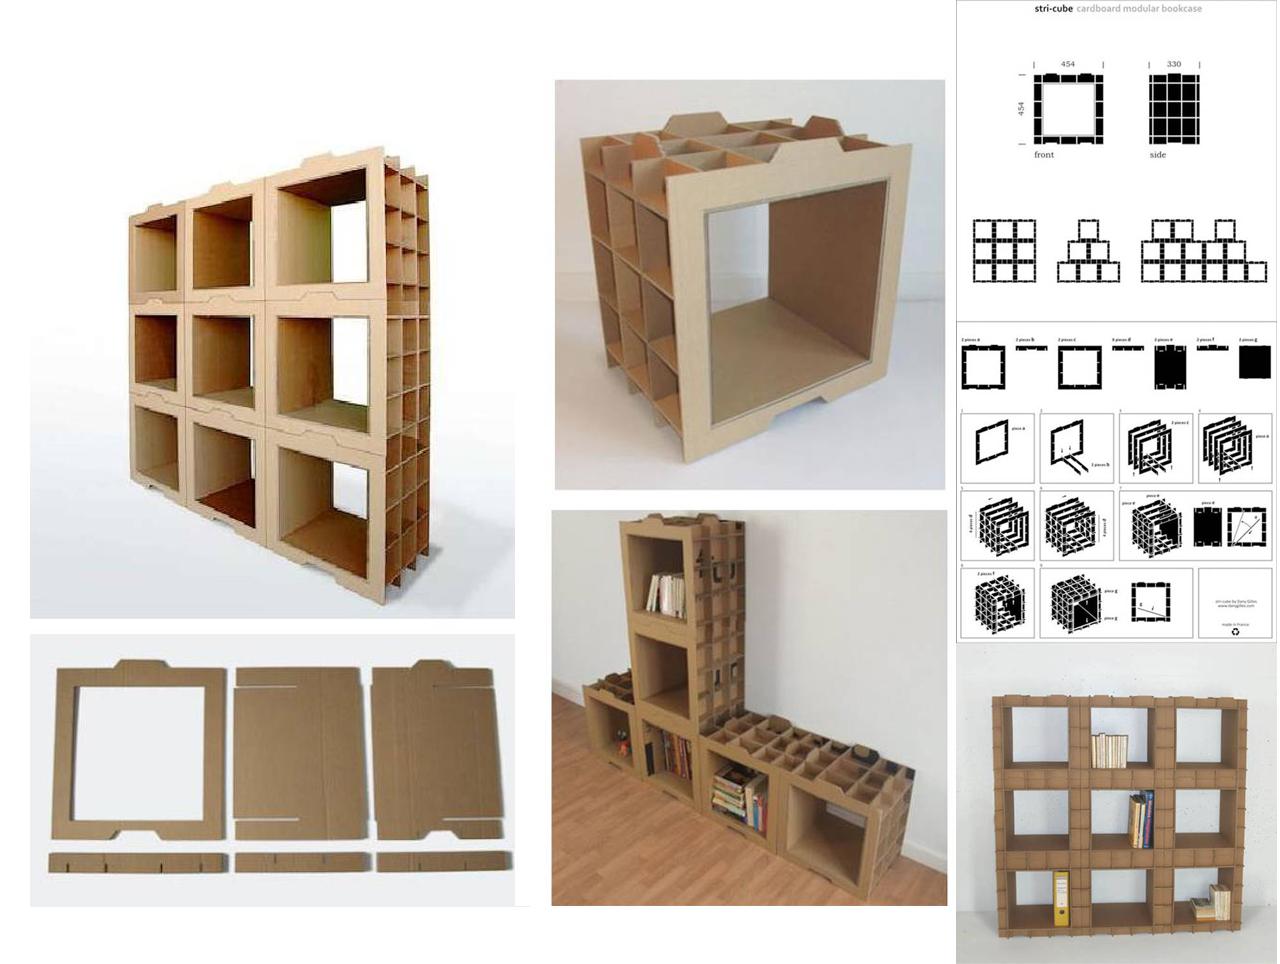 pin von san nug auf ich projekte praktisch pinterest. Black Bedroom Furniture Sets. Home Design Ideas